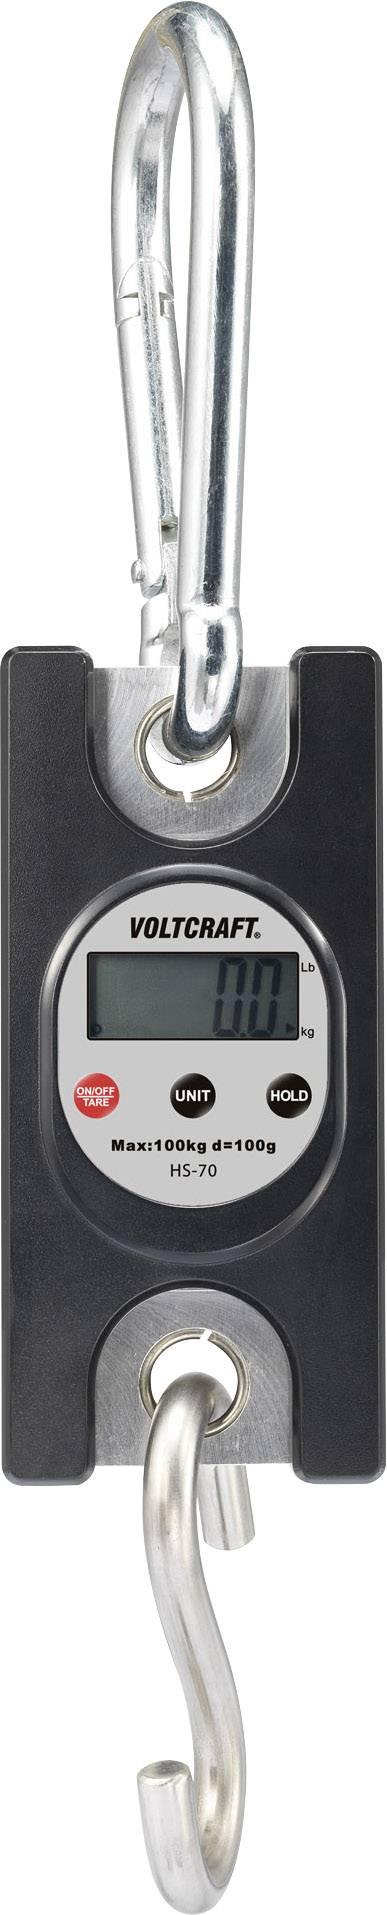 Závesná váha Voltcraft HS-70, max. 100 kg